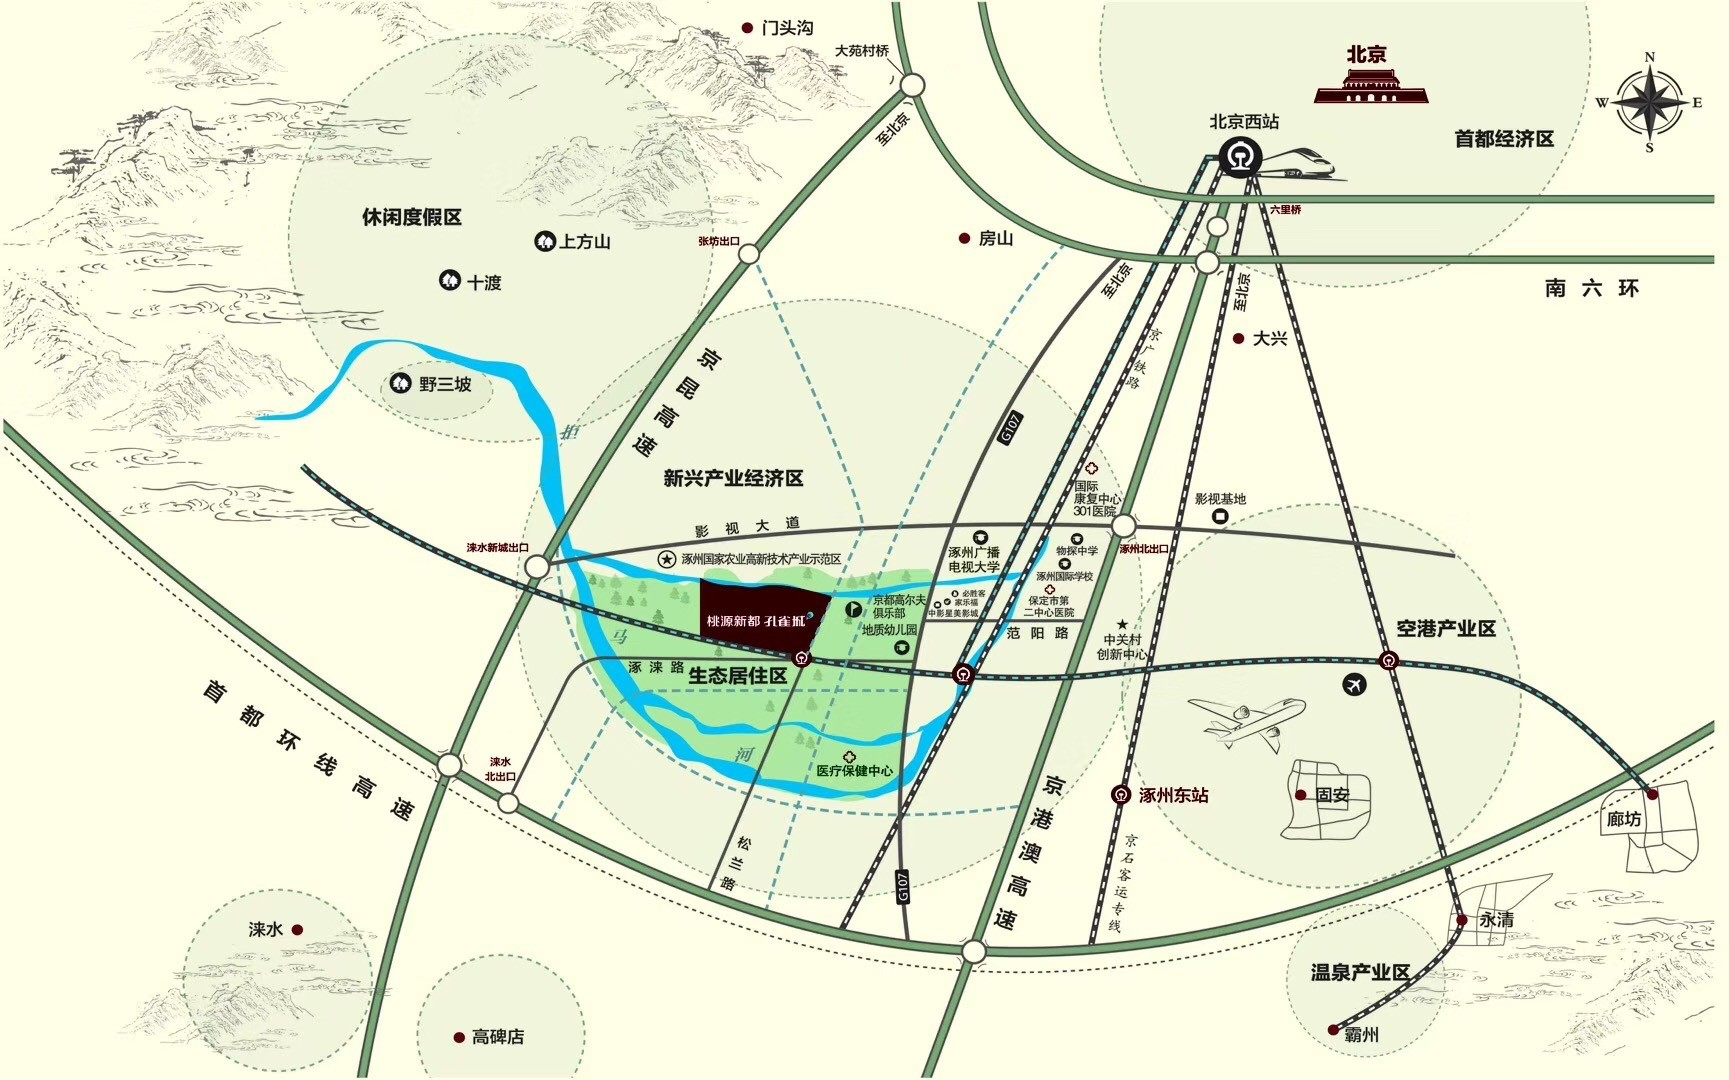 桃源新都孔雀城位置图